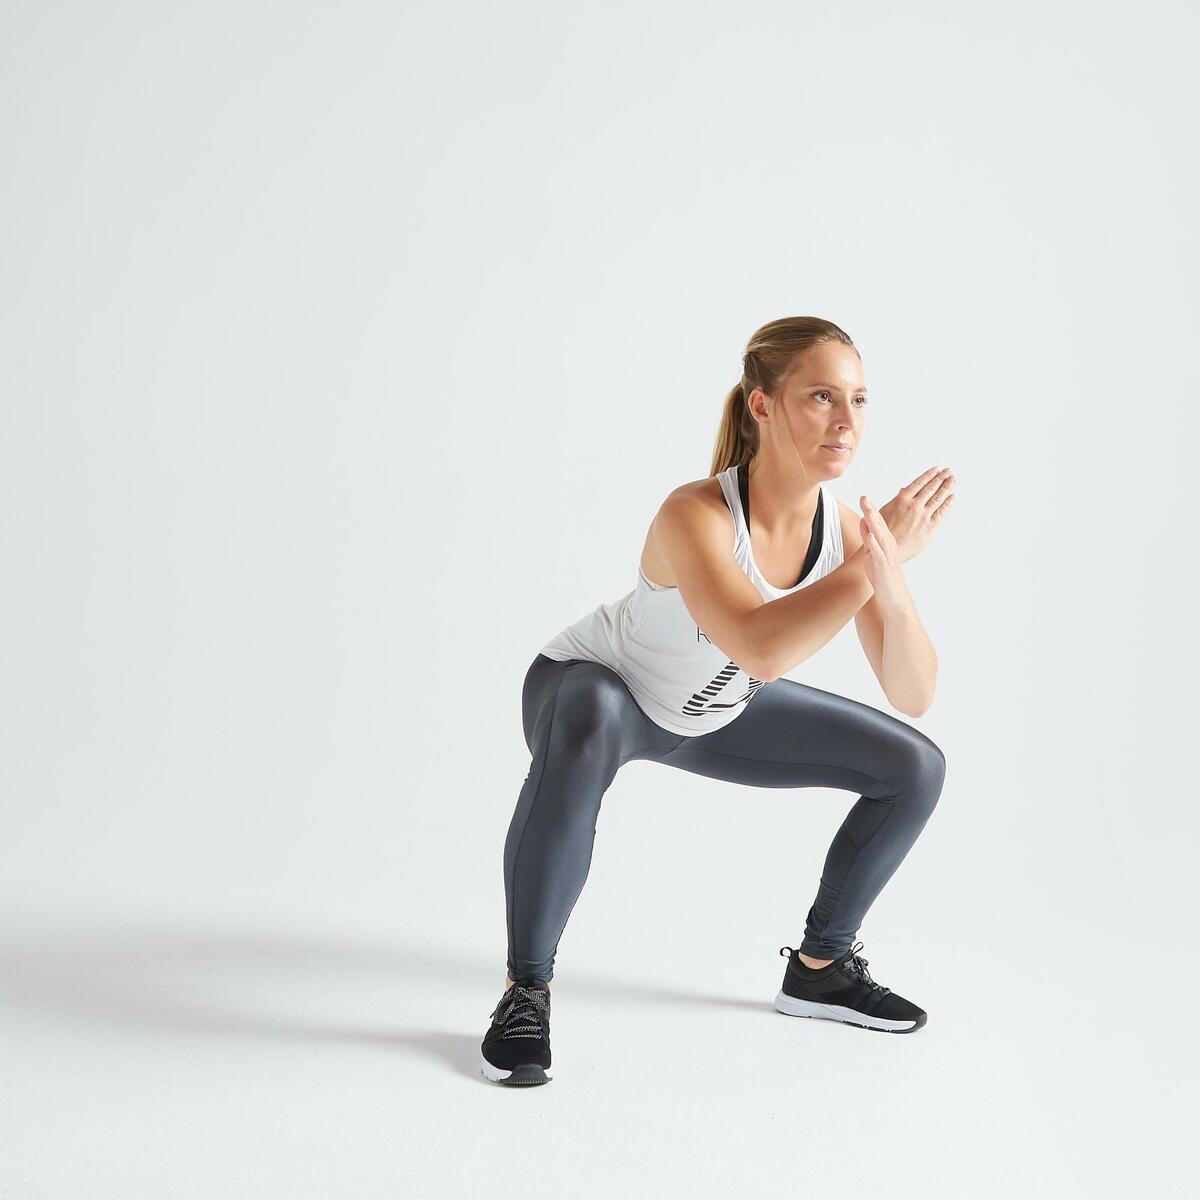 Bild 2 von Top FTA 120 Fitness Cardio Damen weiβ